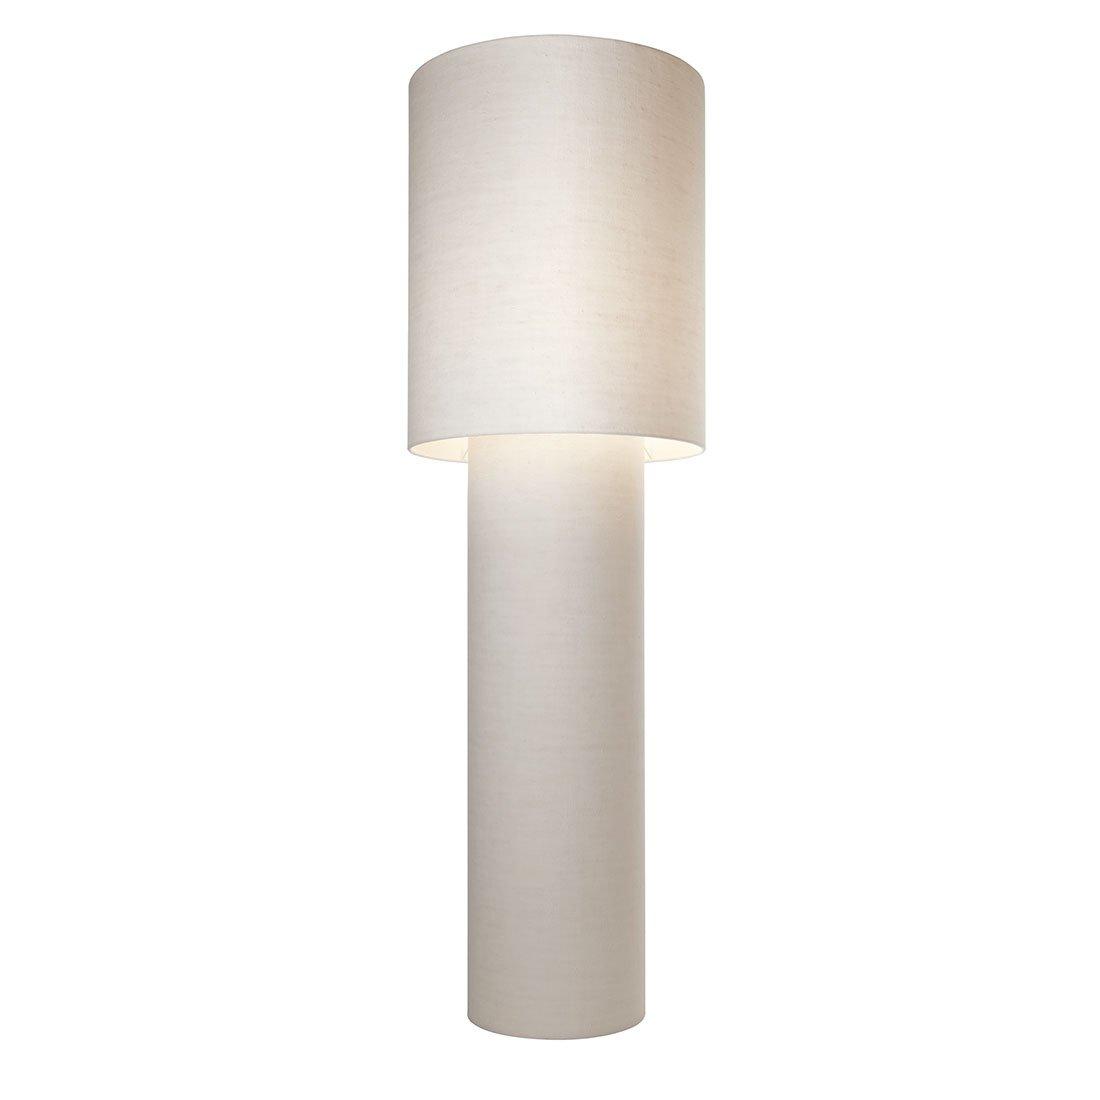 Pipe Vloerlamp L - Diesel